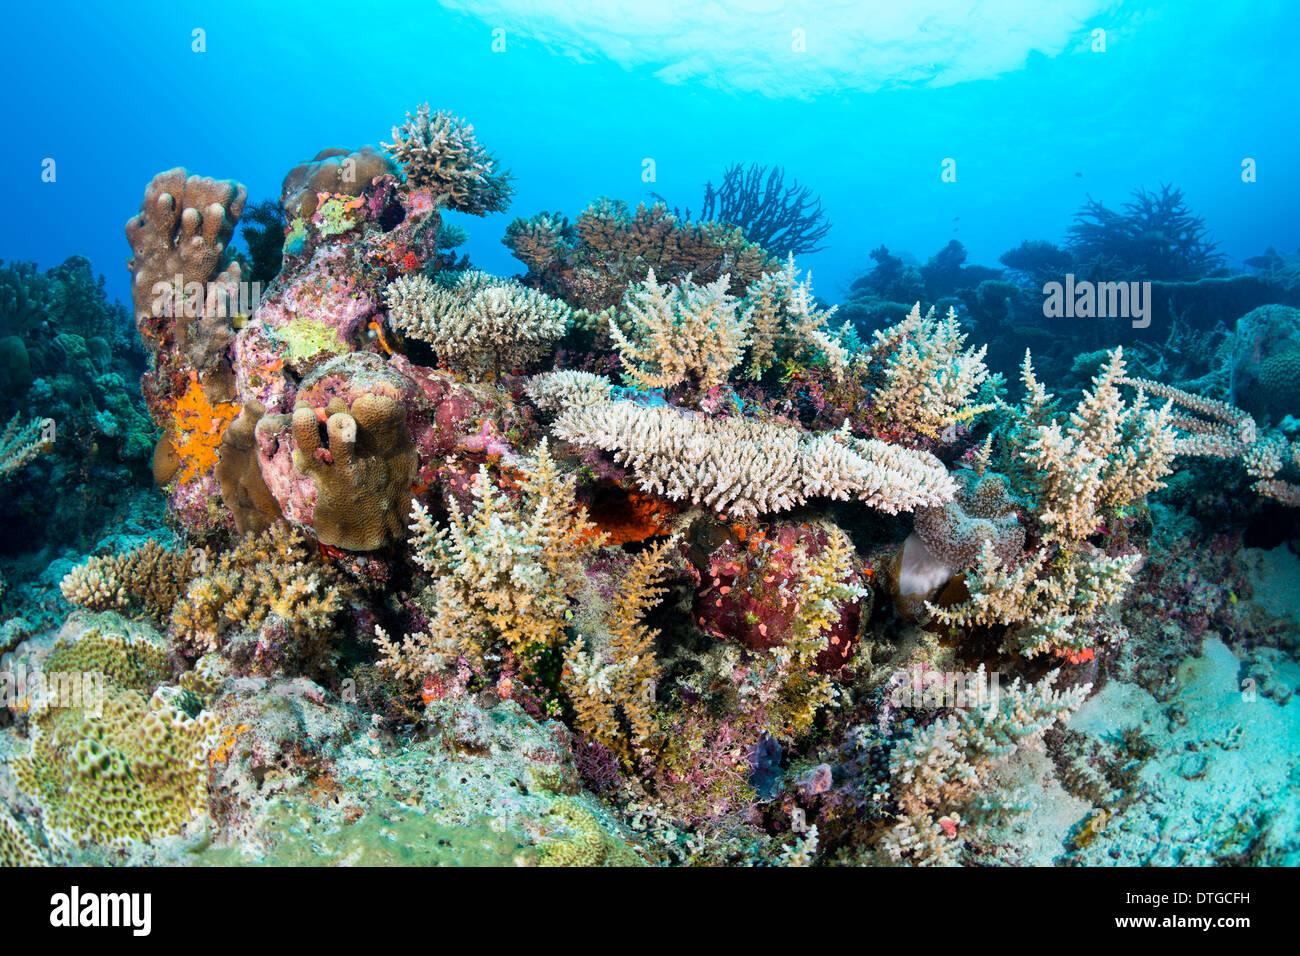 Un sano tropical Coral reef hosting e del piano portapaziente staghorn coralli incrostanti e, spugne colorate con blu chiaro l'acqua. Immagini Stock